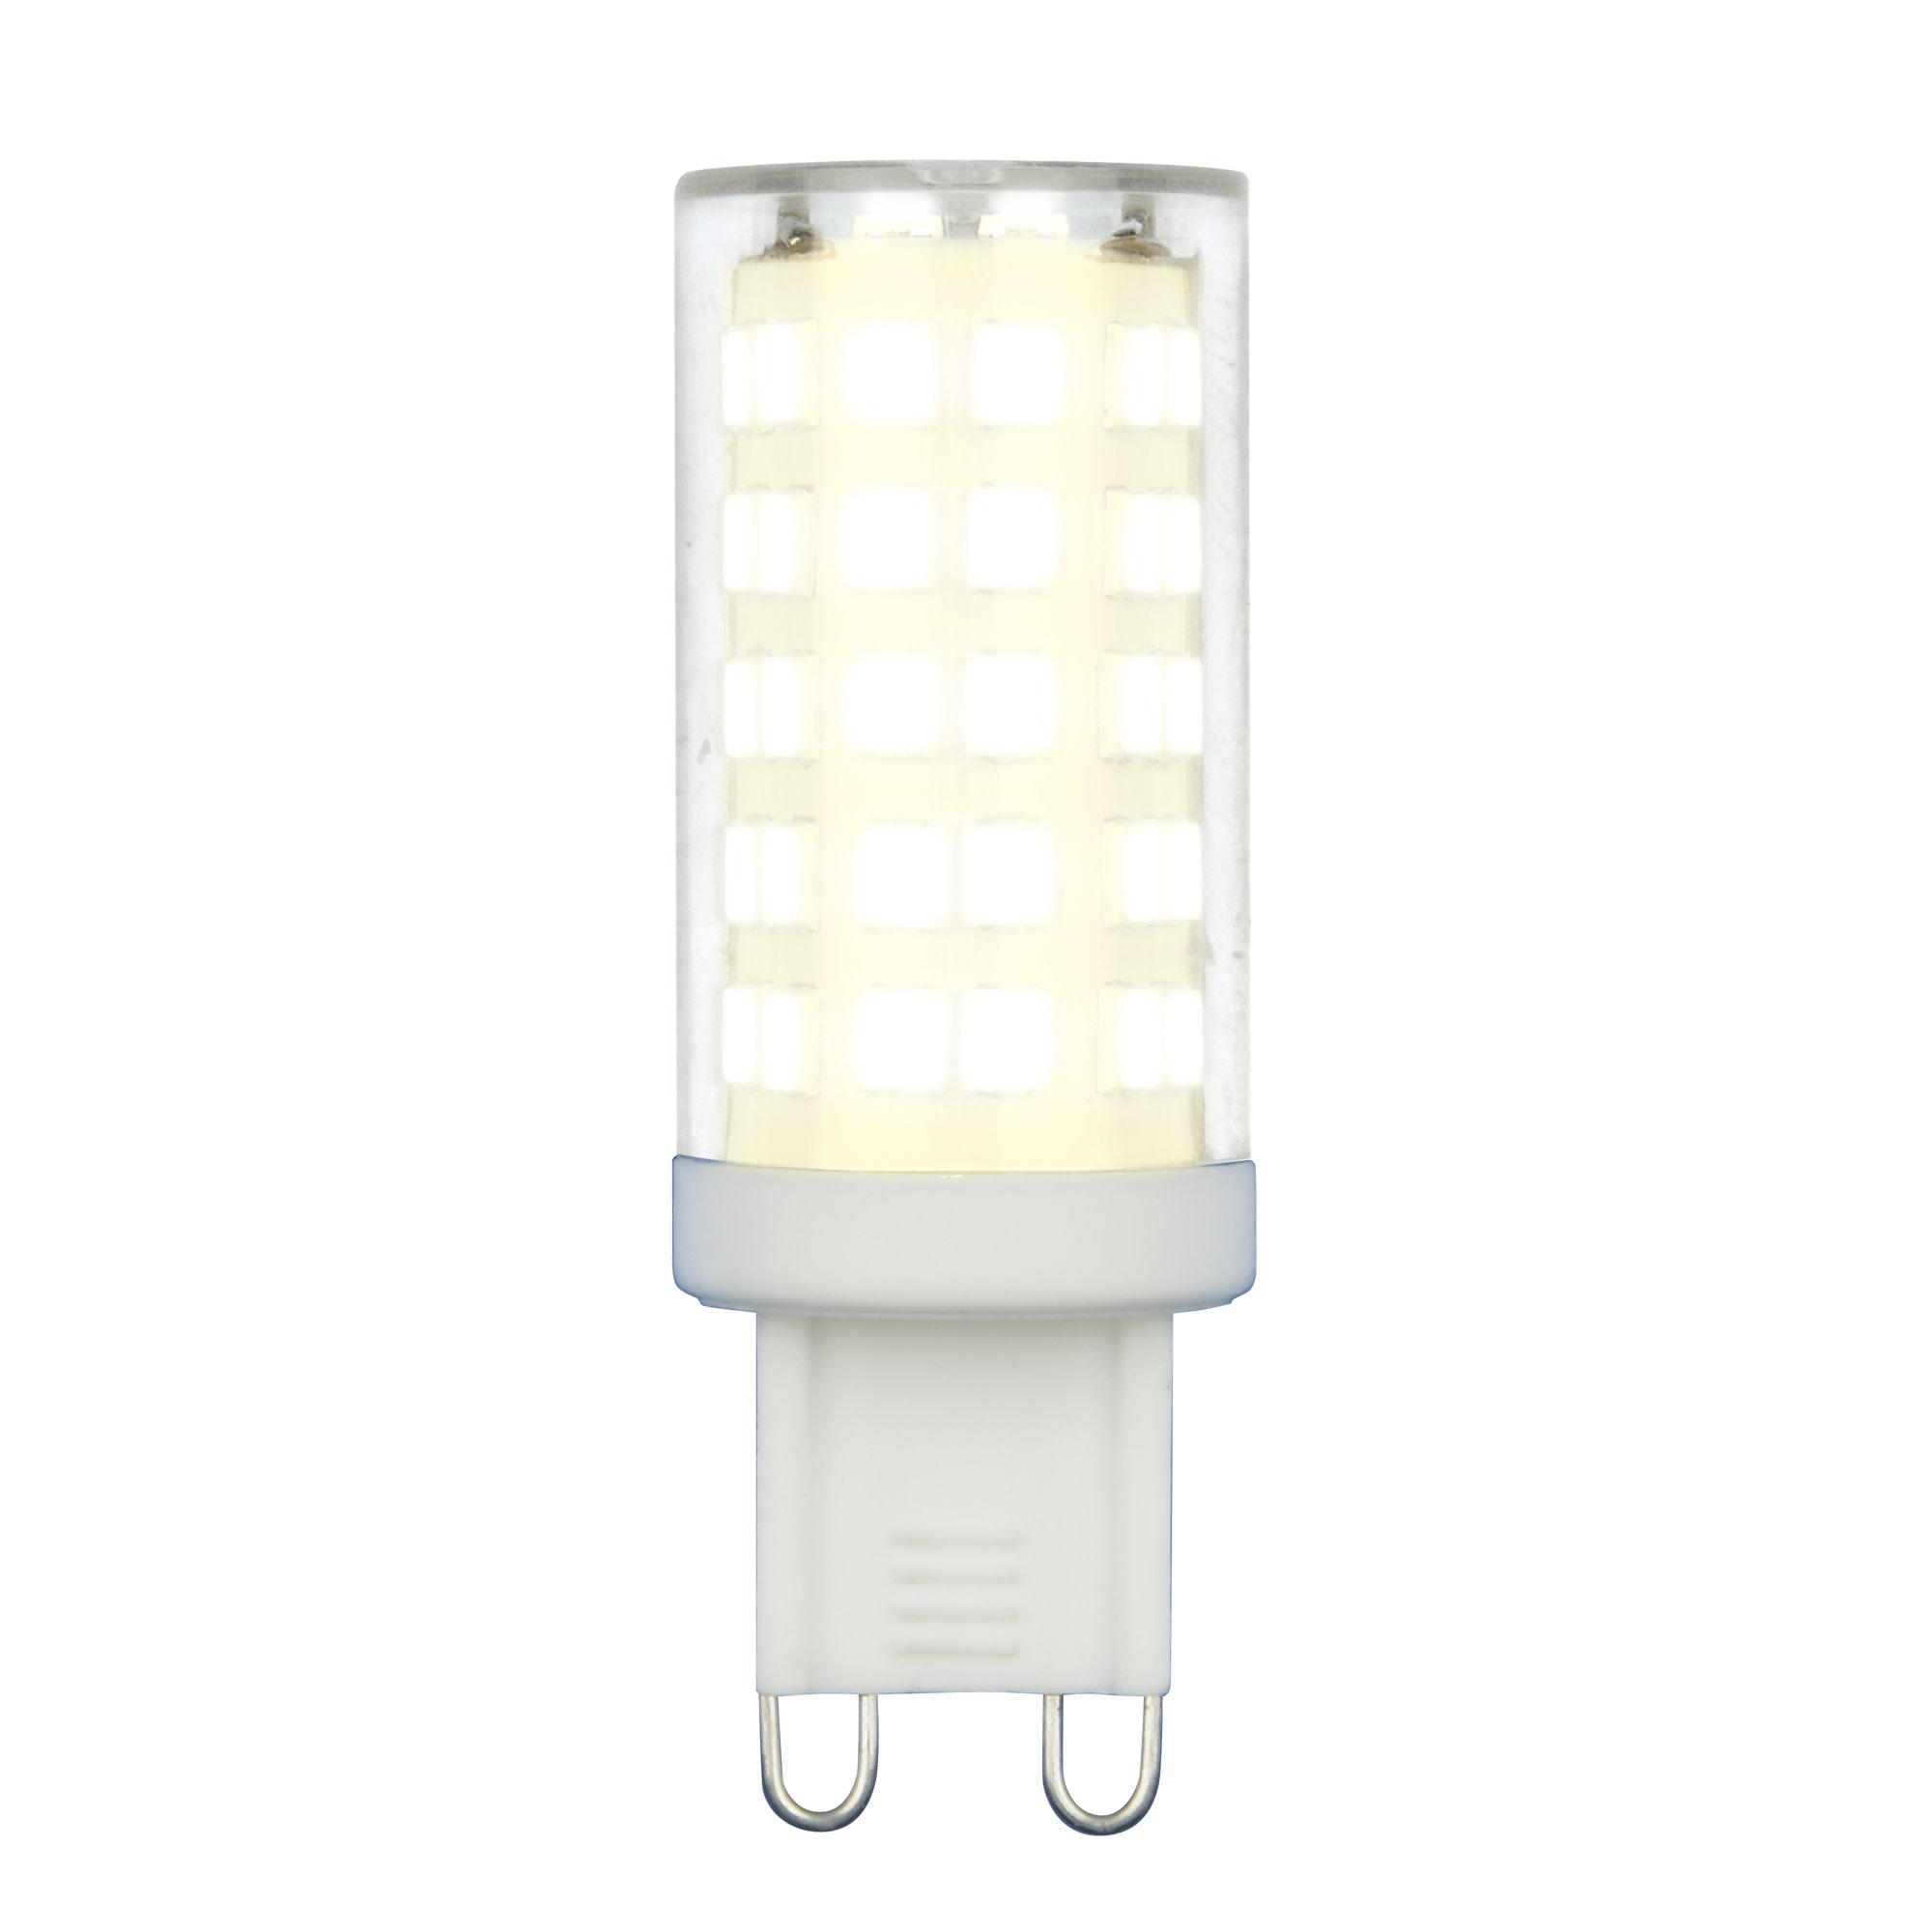 Лампа светодиодная G9 9 Вт капсула прозрачная 720 лм белый свет